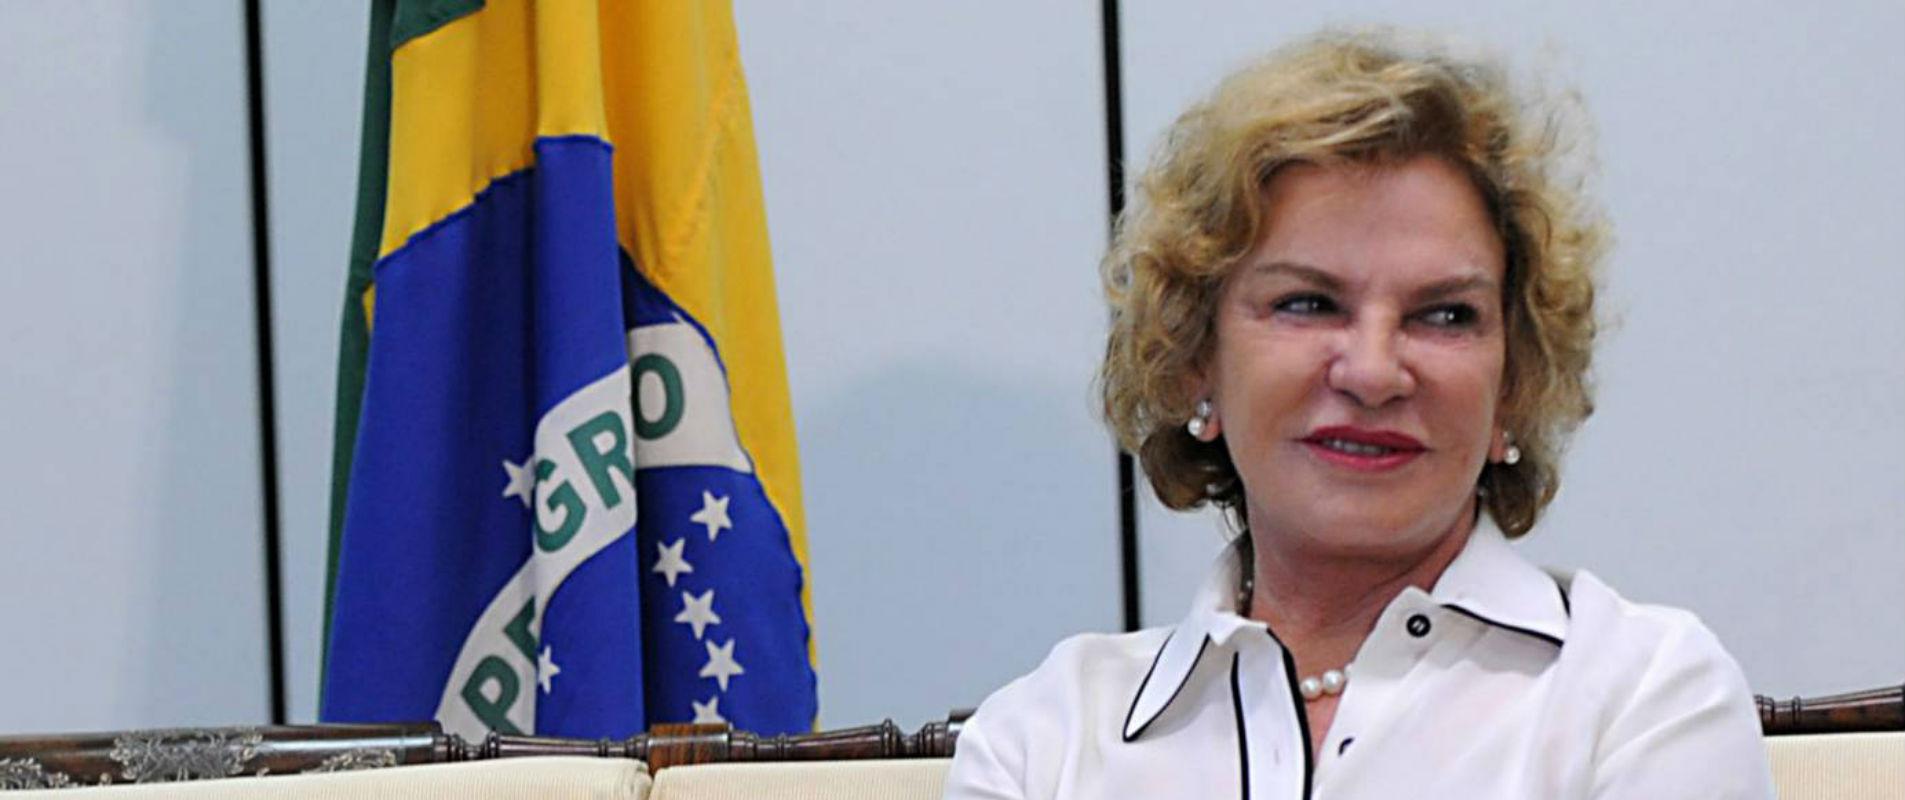 Marisa Letícia Rocco Da Silva